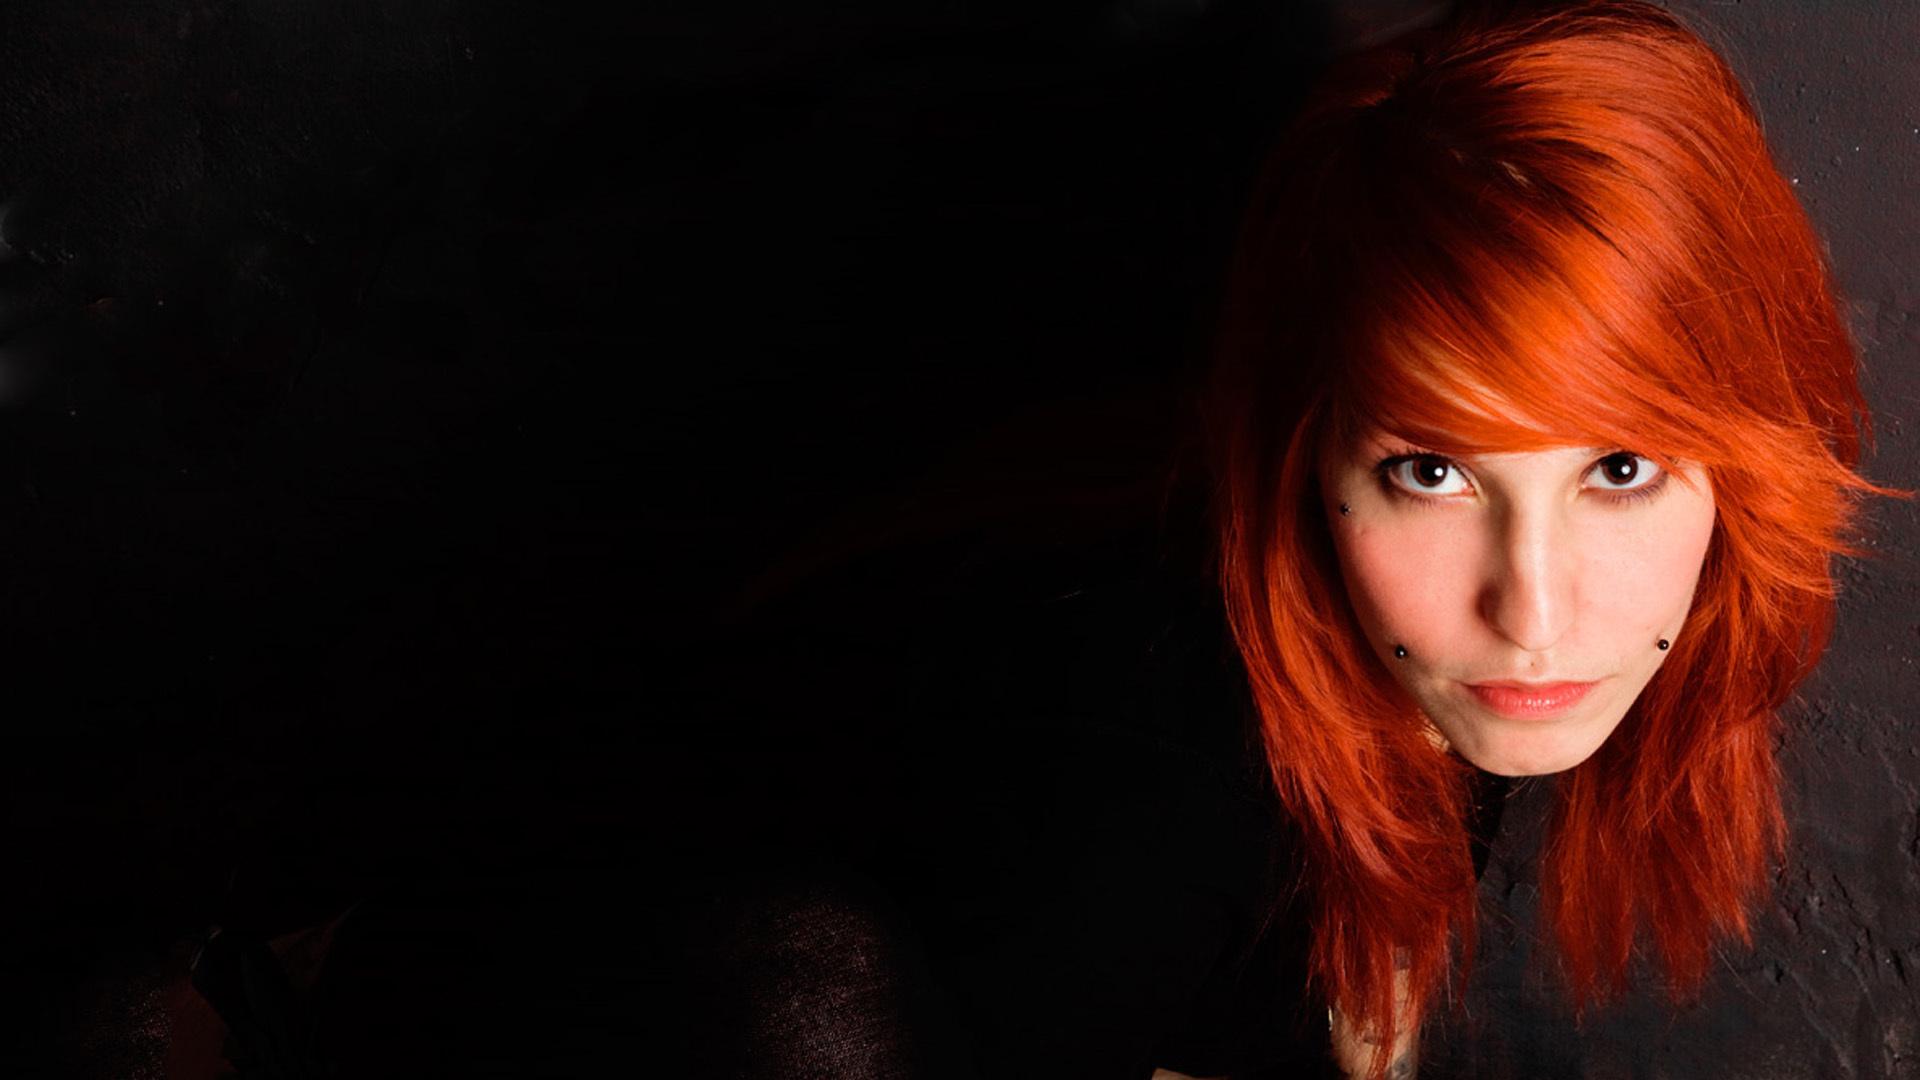 Pretty Red Headed Women